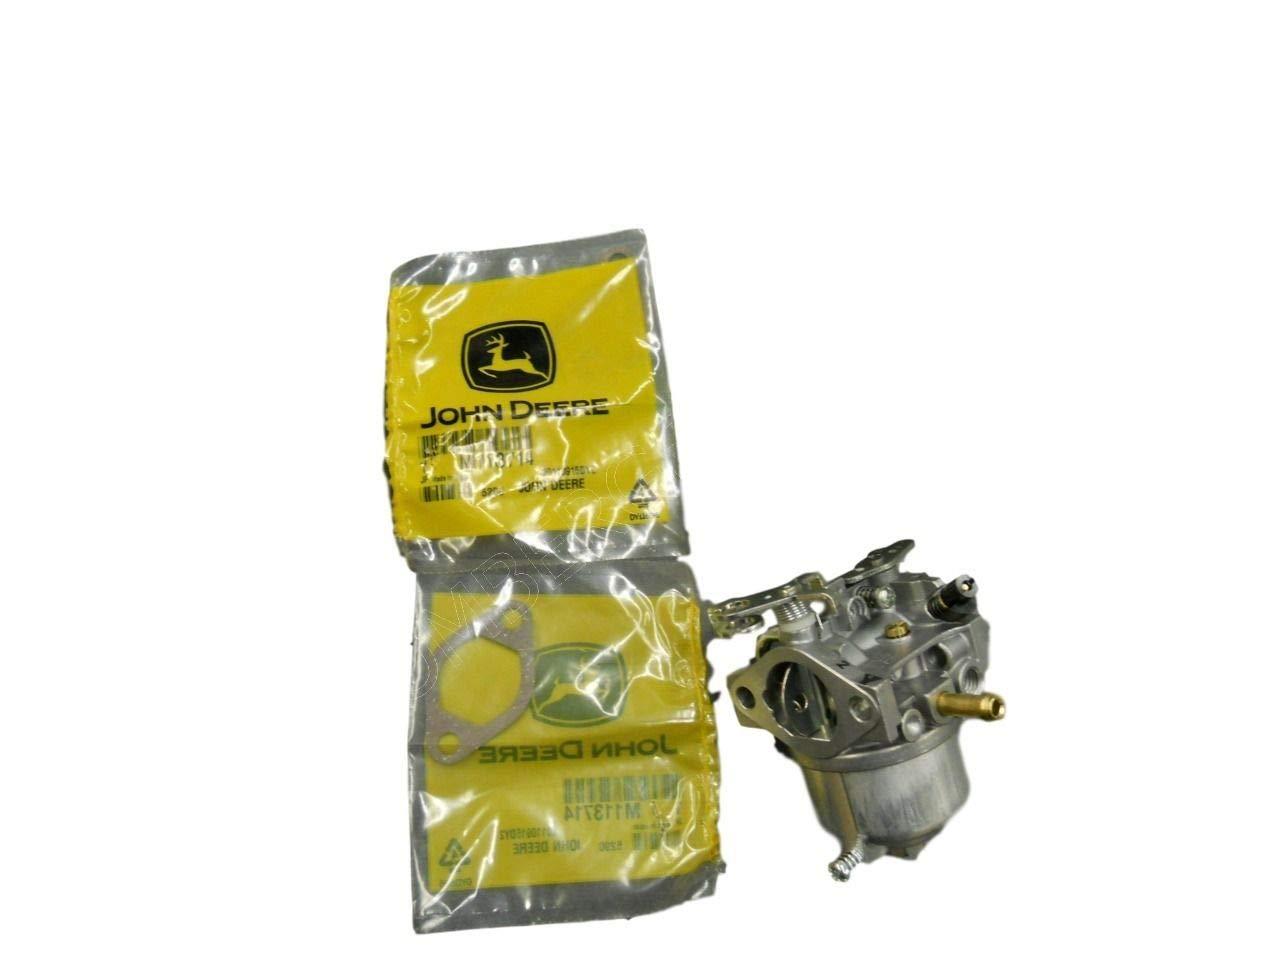 Replace John Deere Carburetor gaskets 6x4 Gator serial 068251-134033 AM122396